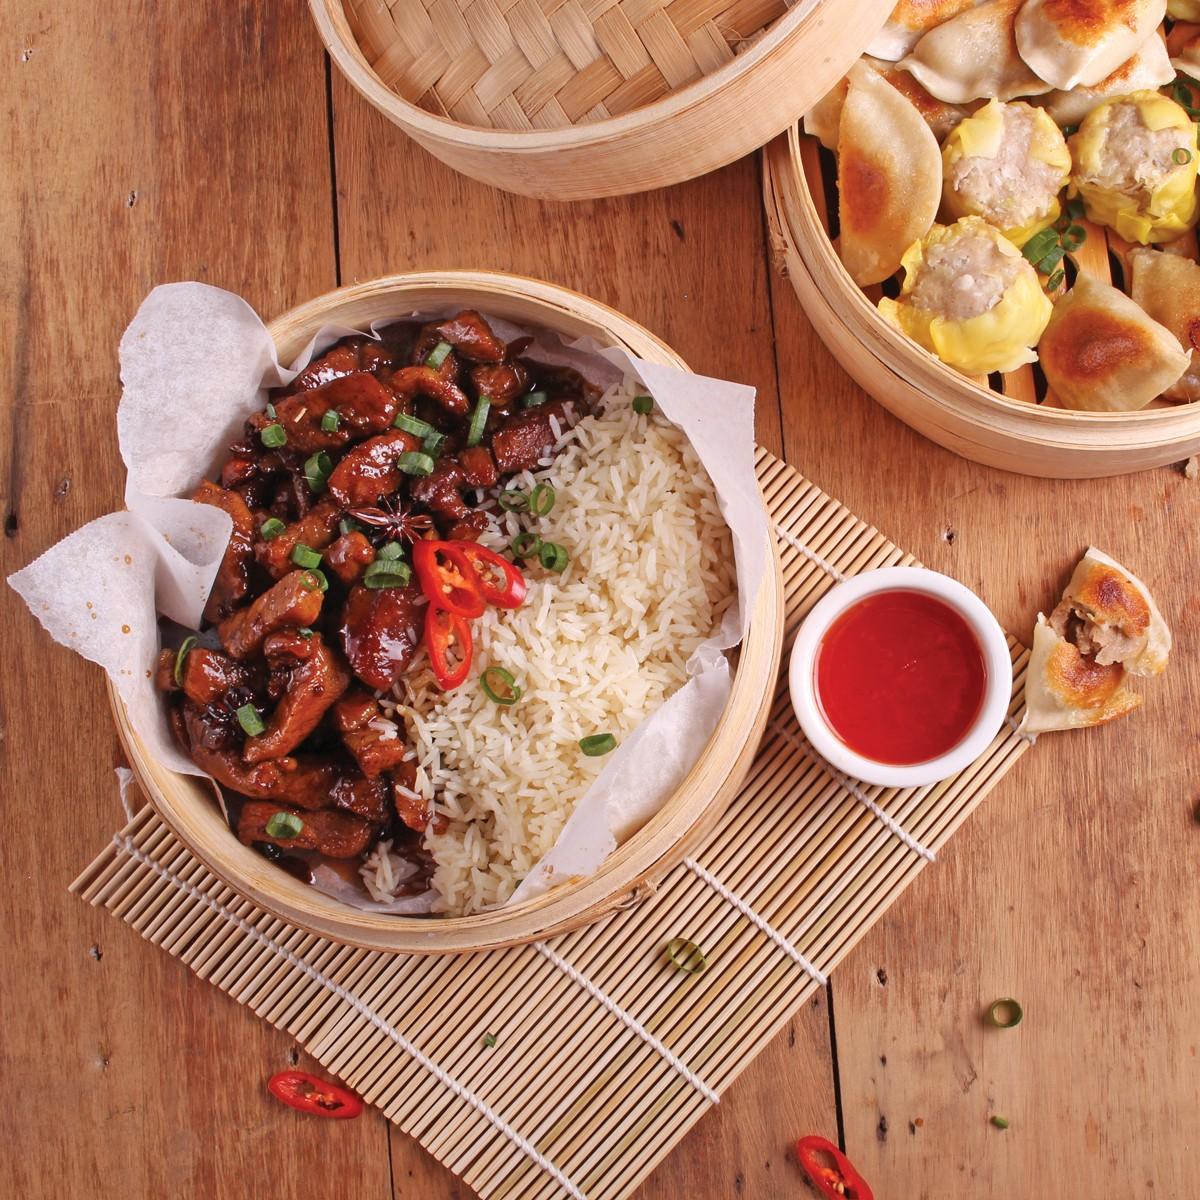 Sichuan Pepper Pork Stir fry - SunPork Loin Steaks